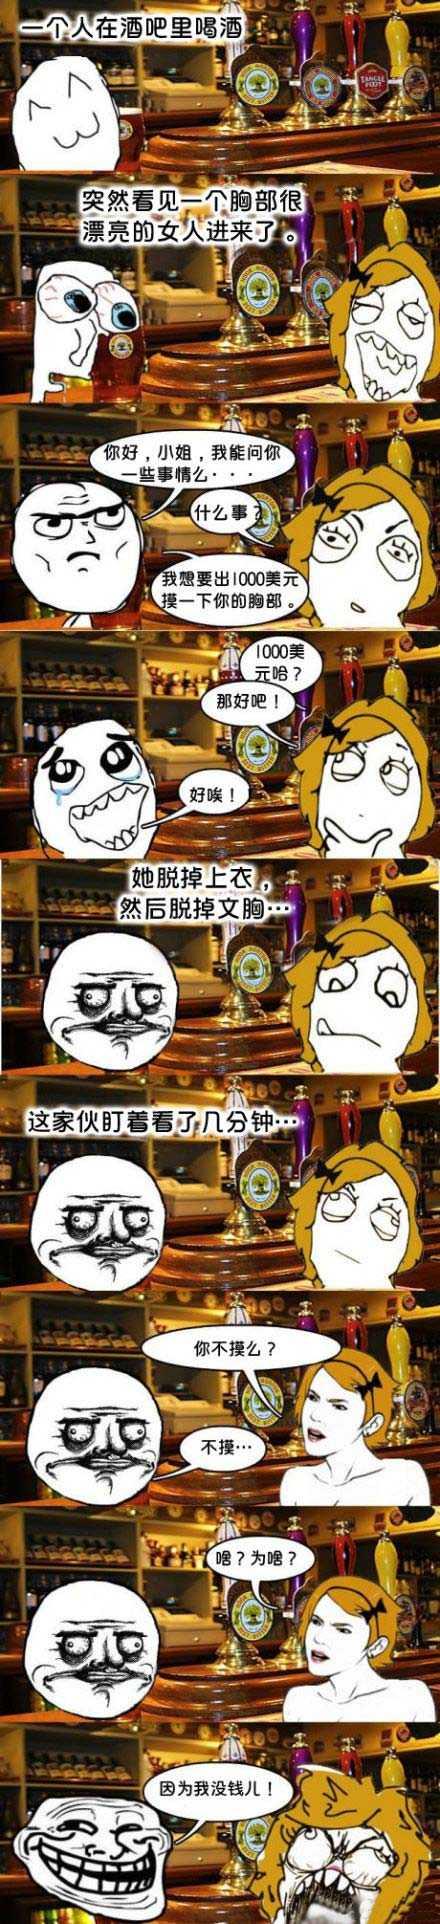 一个屌丝在酒吧里喝酒的故事